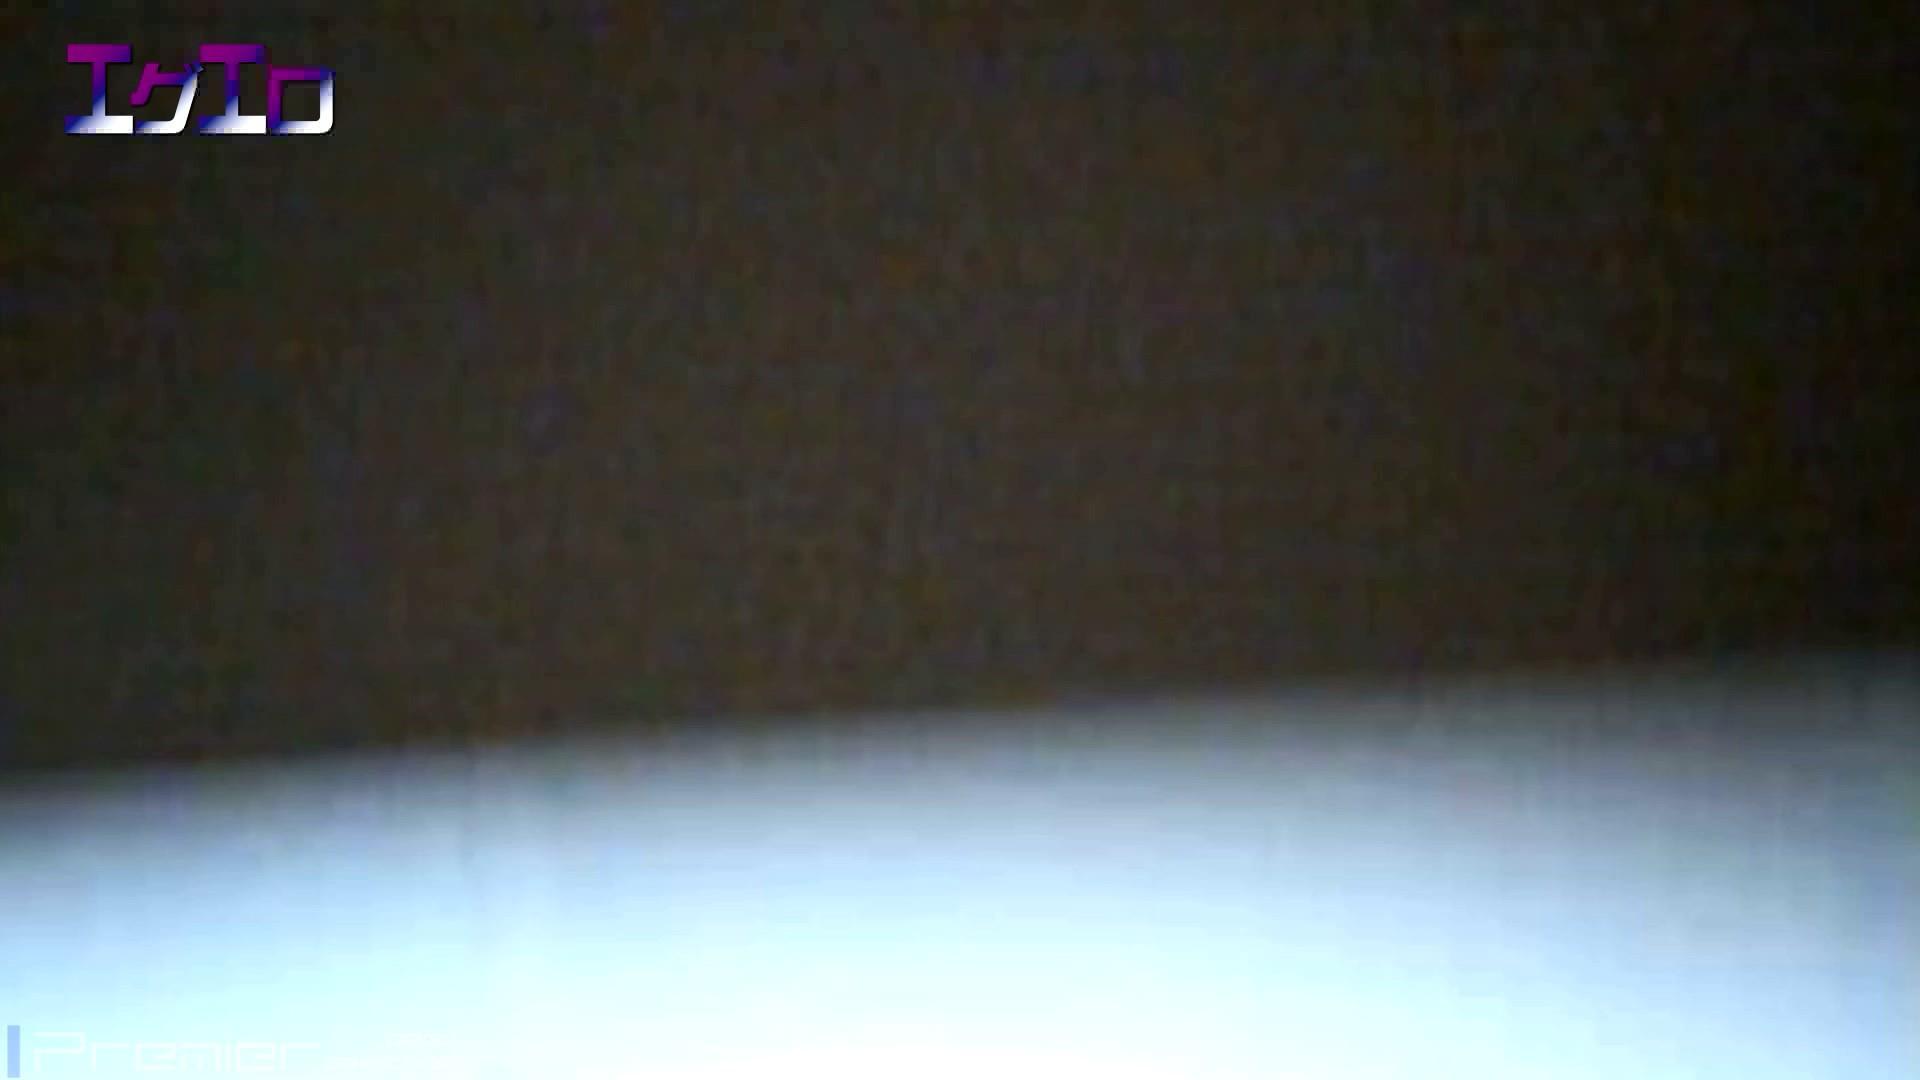 至近距離洗面所 Vol.10ブルージーンズギャルの大放nyo 萌えギャル オマンコ無修正動画無料 96連発 83